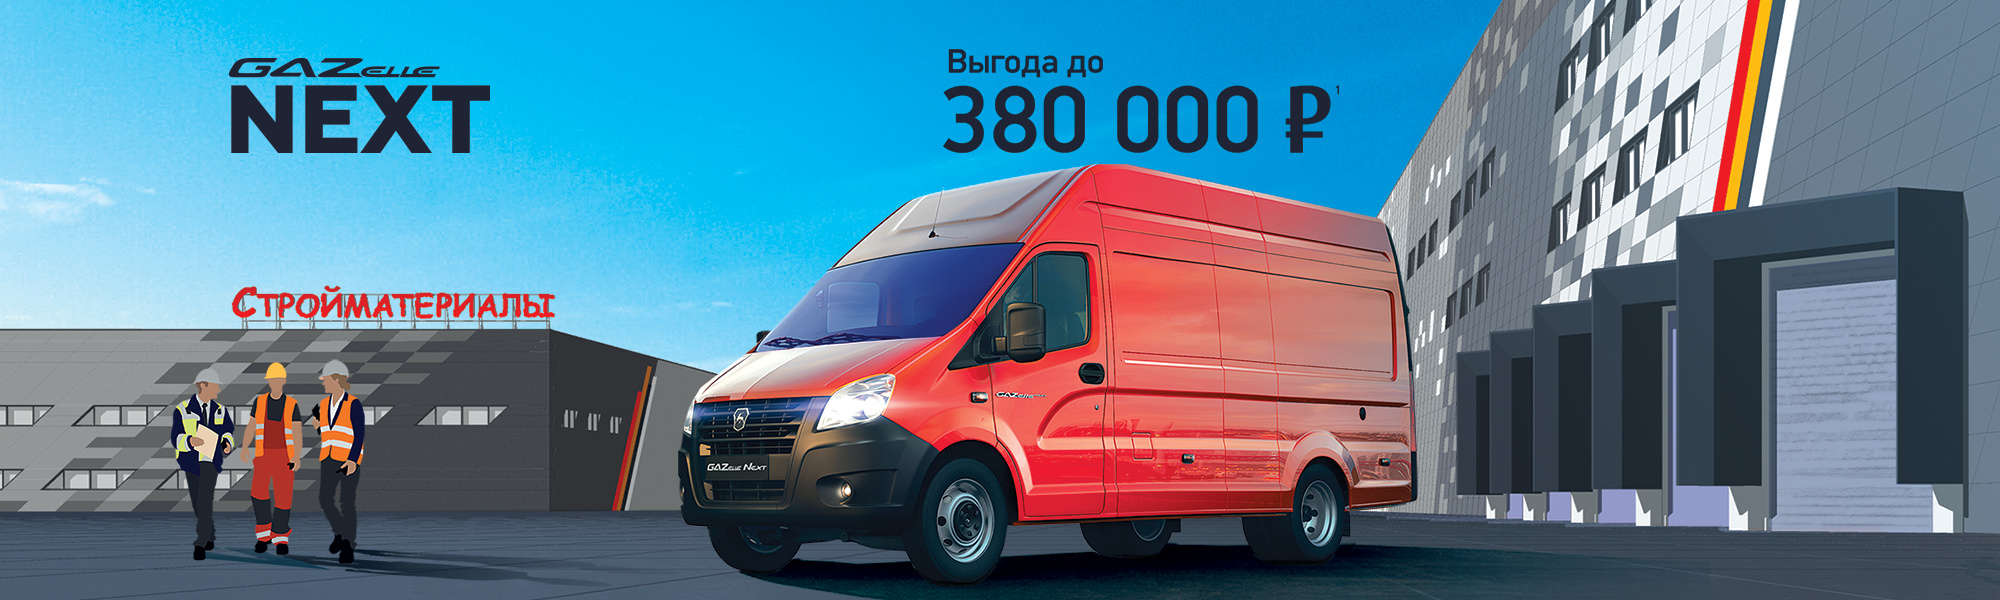 Спецпредложение Выгода до 380000 руб. Специальная цена при покупке ГАЗель NEXT ЦМФ. Десктопное изображение